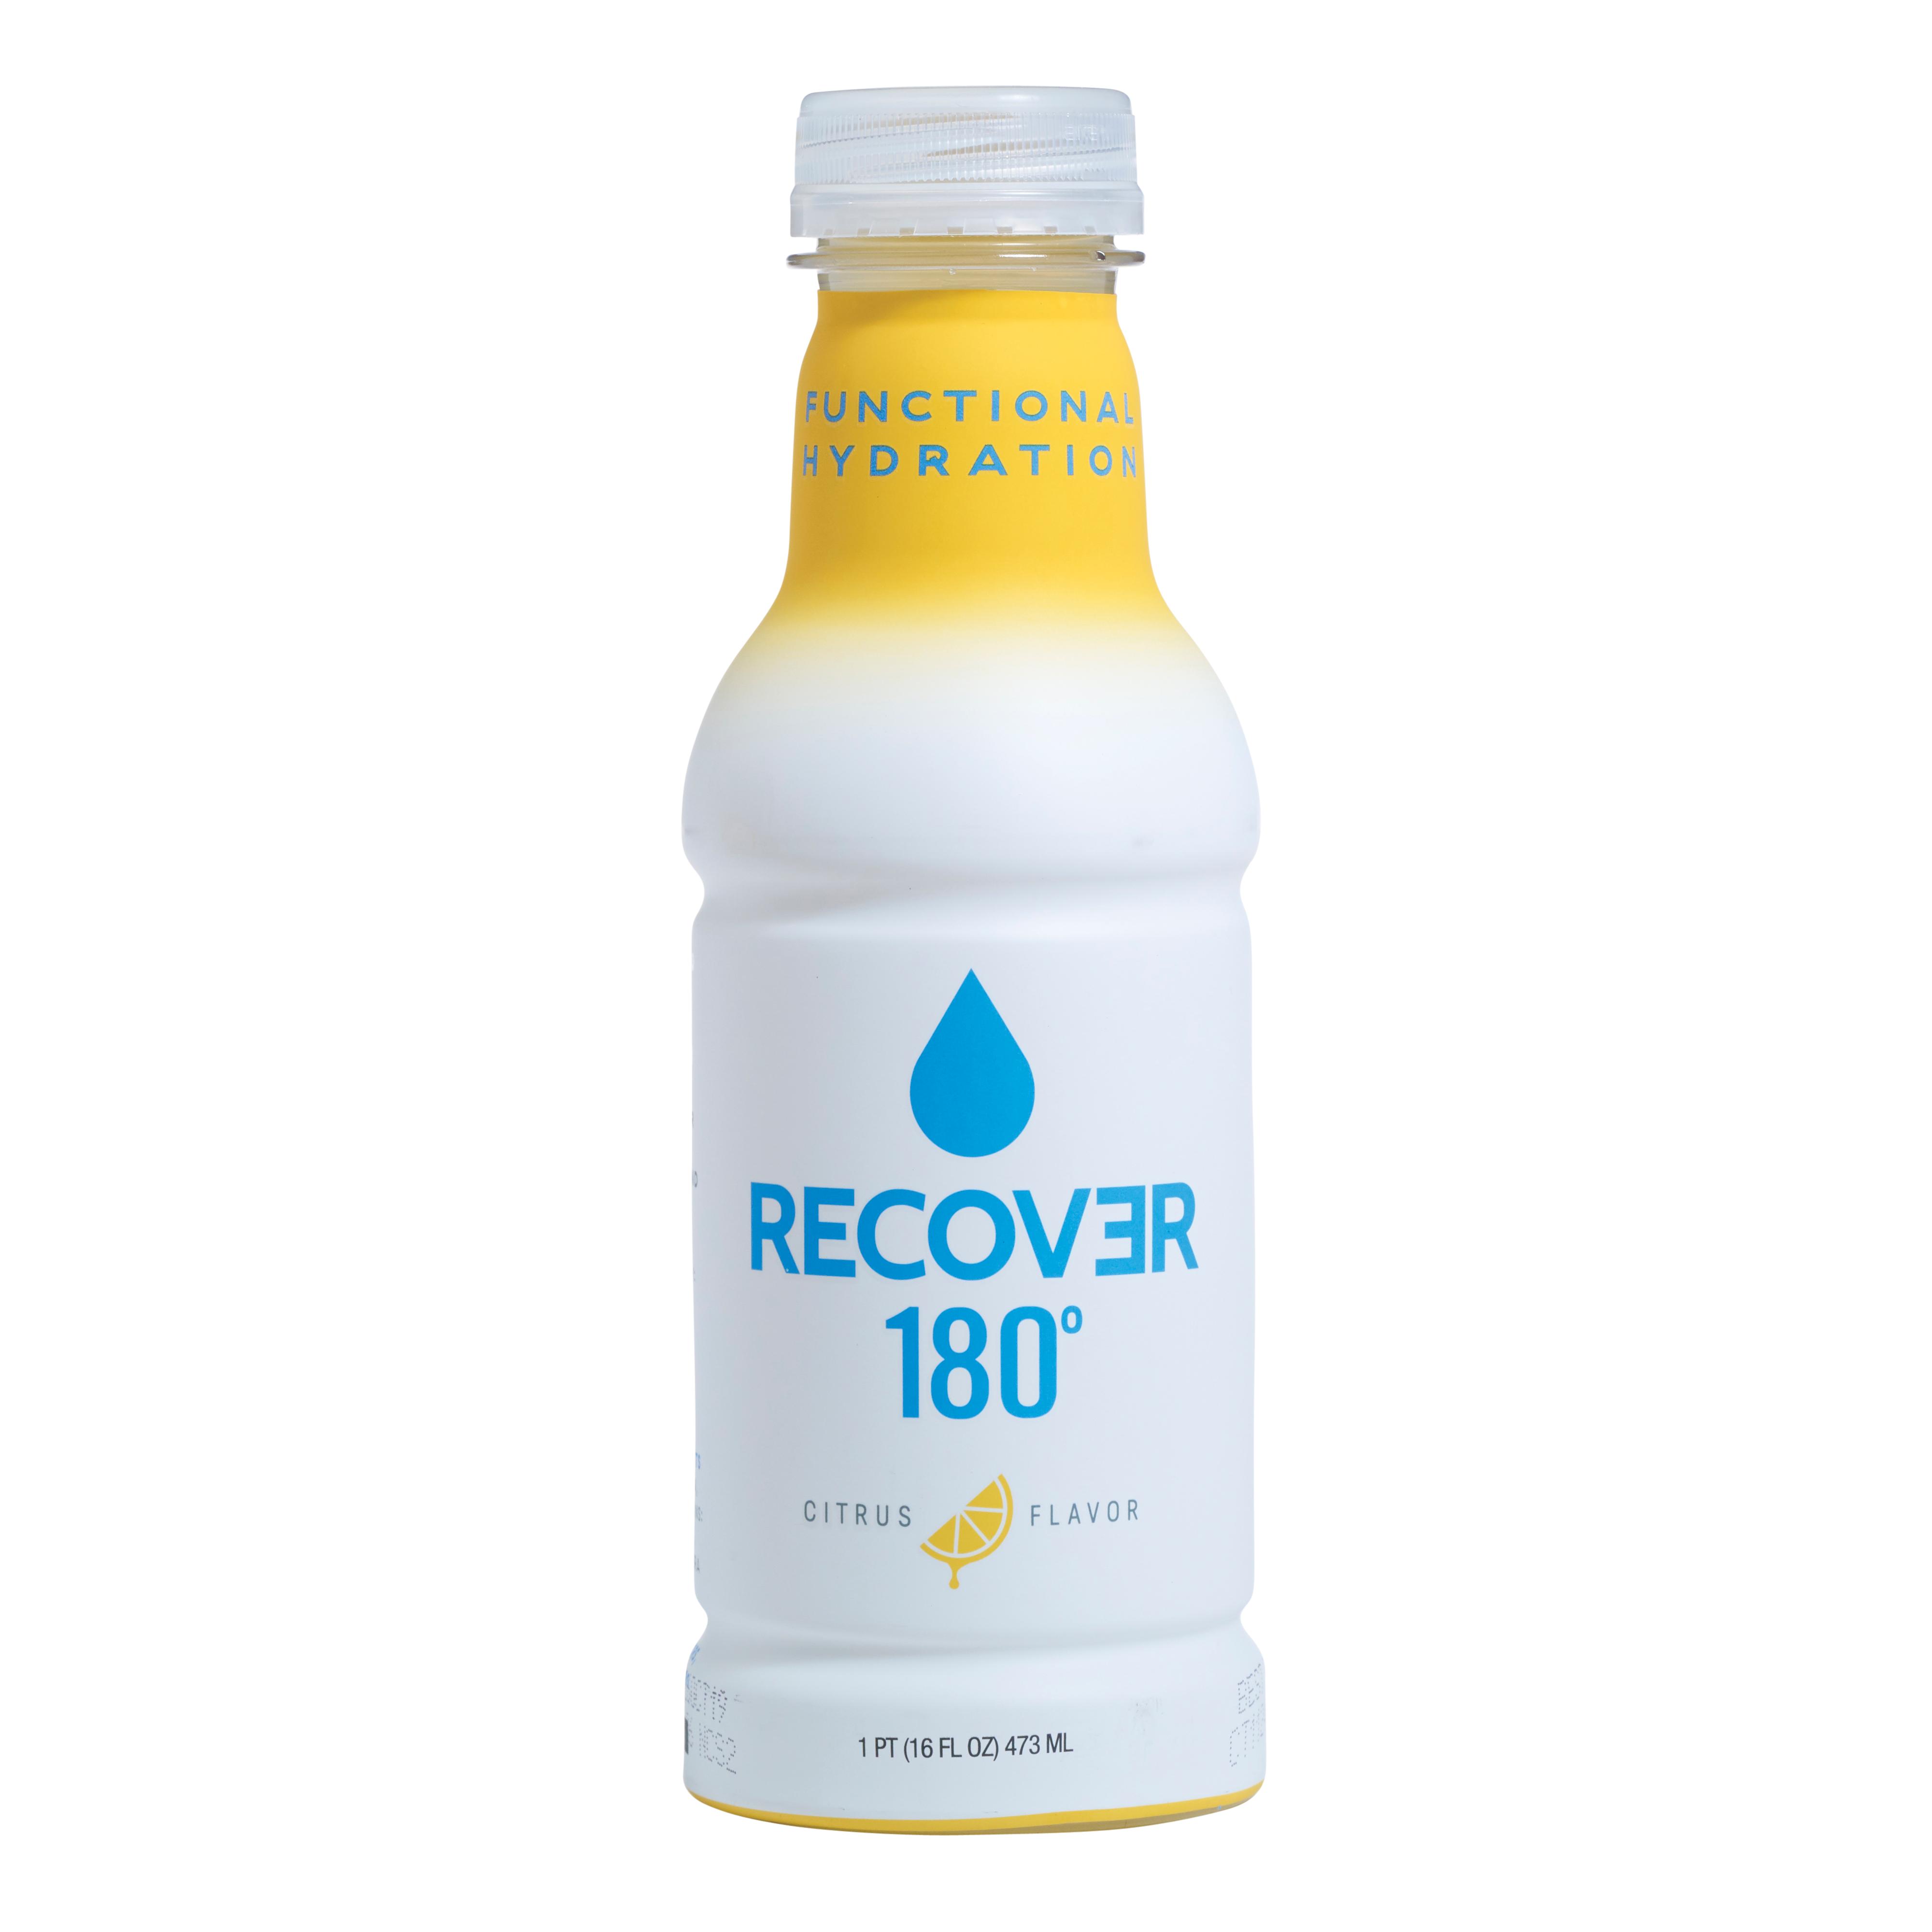 Recover 180, Citrus